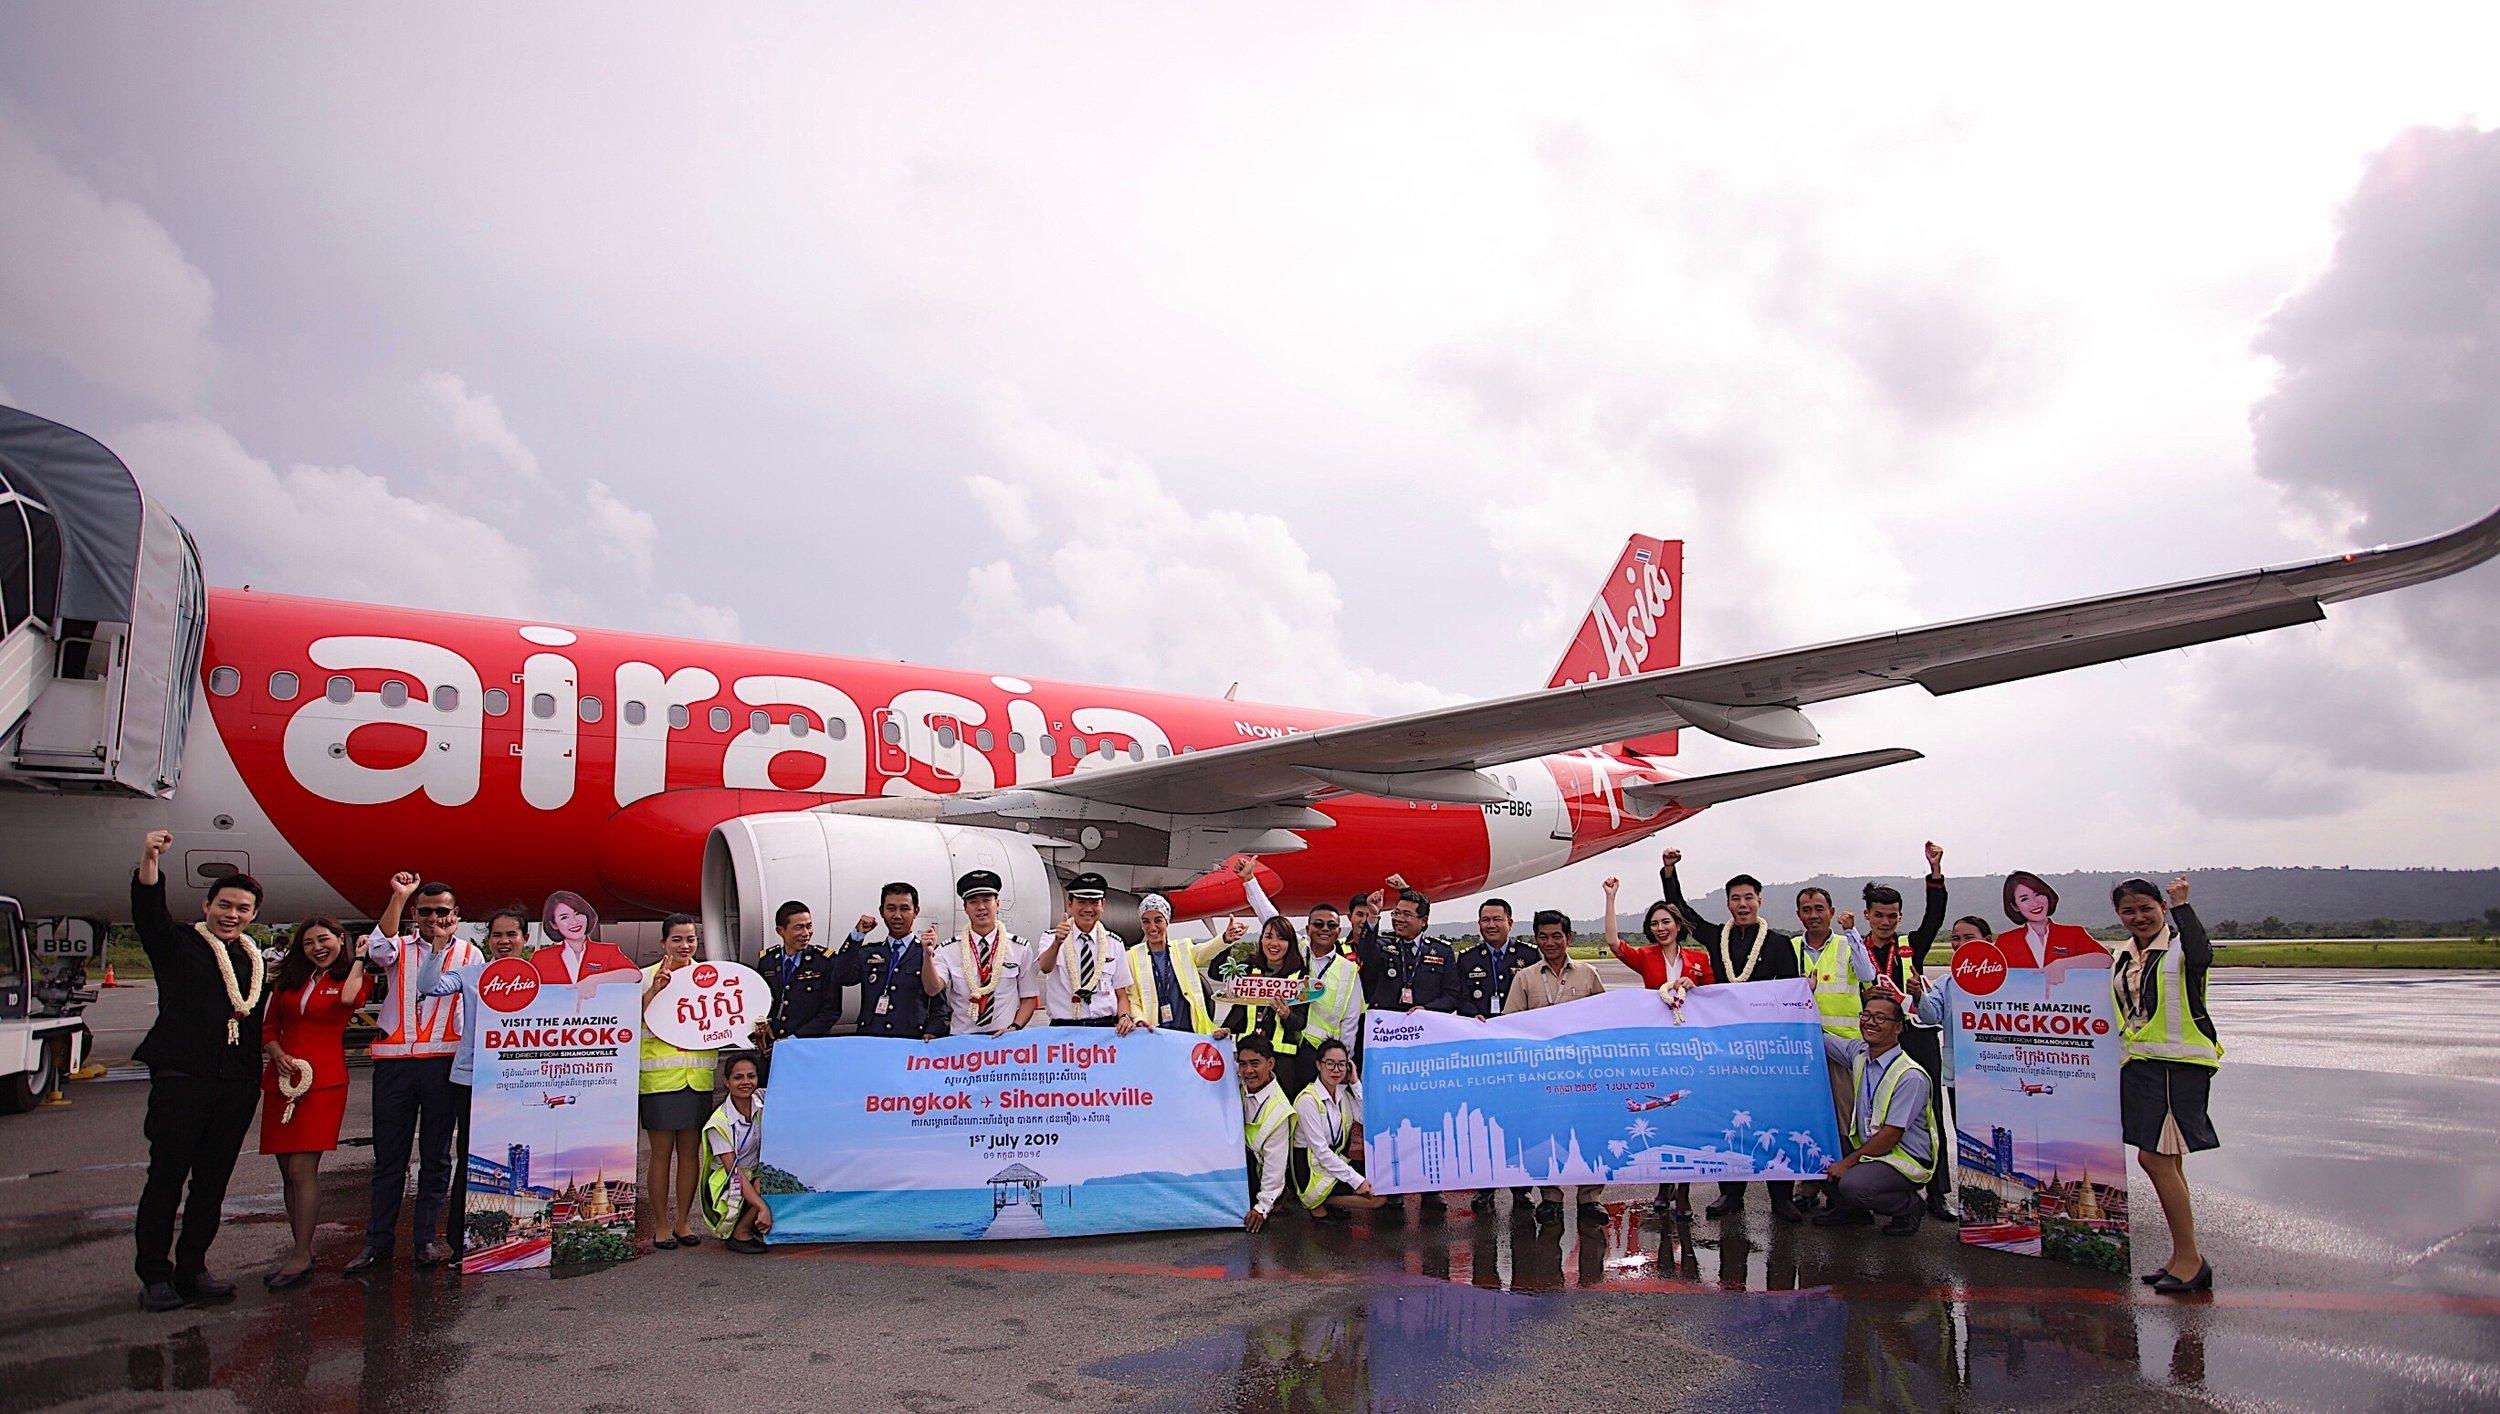 คณะผู้บริหารท่าอากาศยานสีหนุวิลล์และหน่วยงานท้องถิ่น จัดพิธีต้อนรับเที่ยวบินปฐมฤกษ์ บินตรงกรุงเทพฯ (ดอนเมือง) - สีหนุวิลล์ ประเทศกัมพูชา ของสายการบินไทยแอร์เอเชีย ให้บริการ 4 เที่ยวบินต่อสัปดาห์ (จันทร์ พุธ ศุกร์ อาทิตย์)